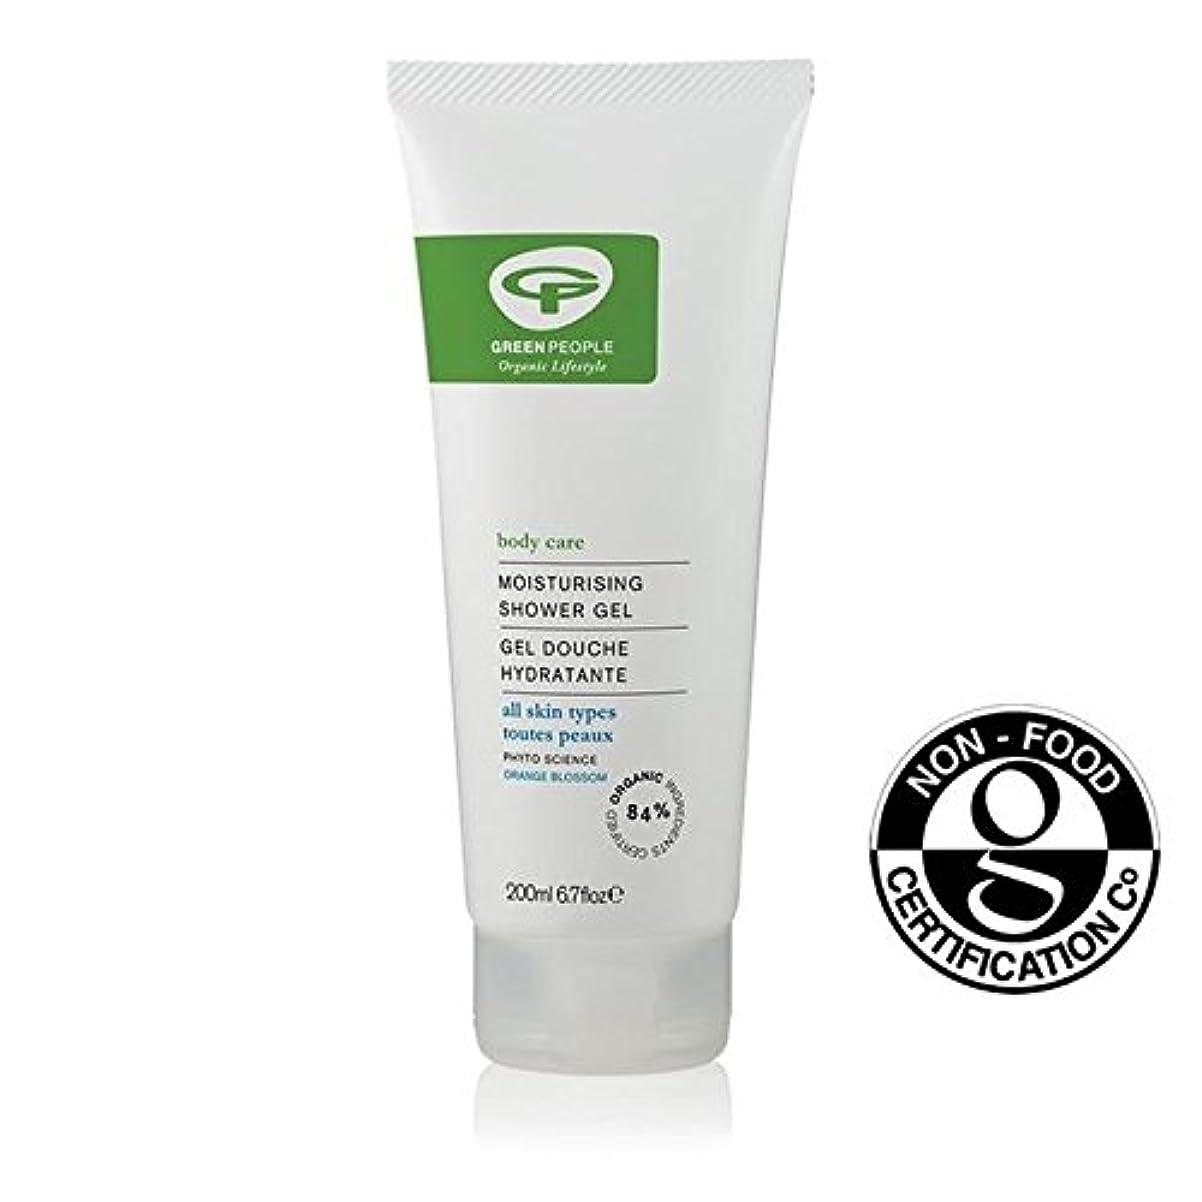 闘争誇張する泣く緑の人々の有機保湿シャワージェル200 x2 - Green People Organic Moisturising Shower Gel 200ml (Pack of 2) [並行輸入品]